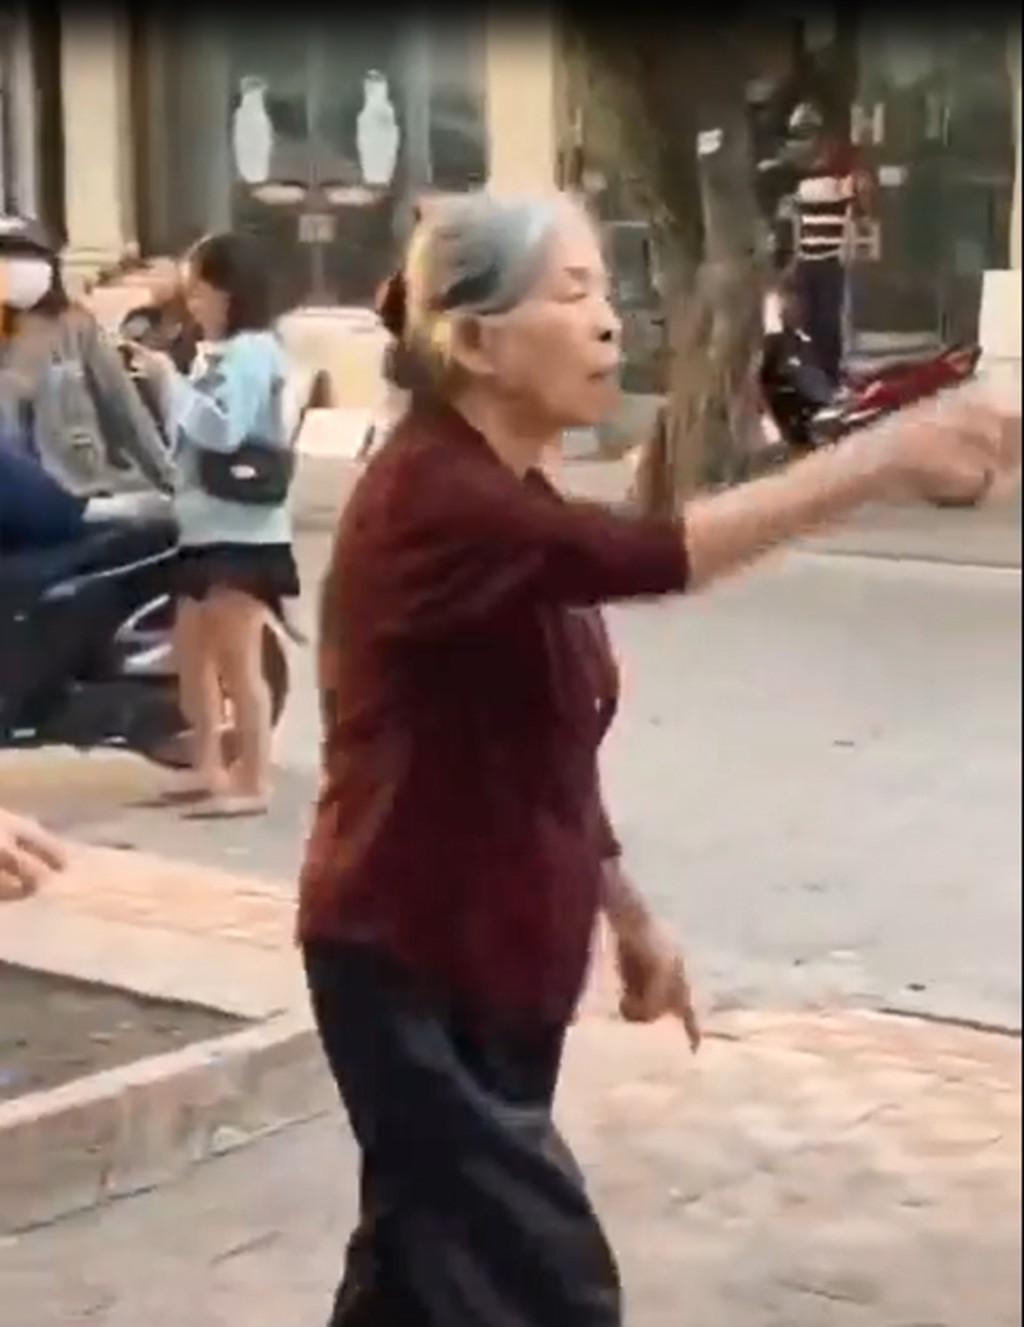 90歲老公密會60歲小三 阿嬤組200歲up姐妹團活逮:吃壯雞劑是怎樣?